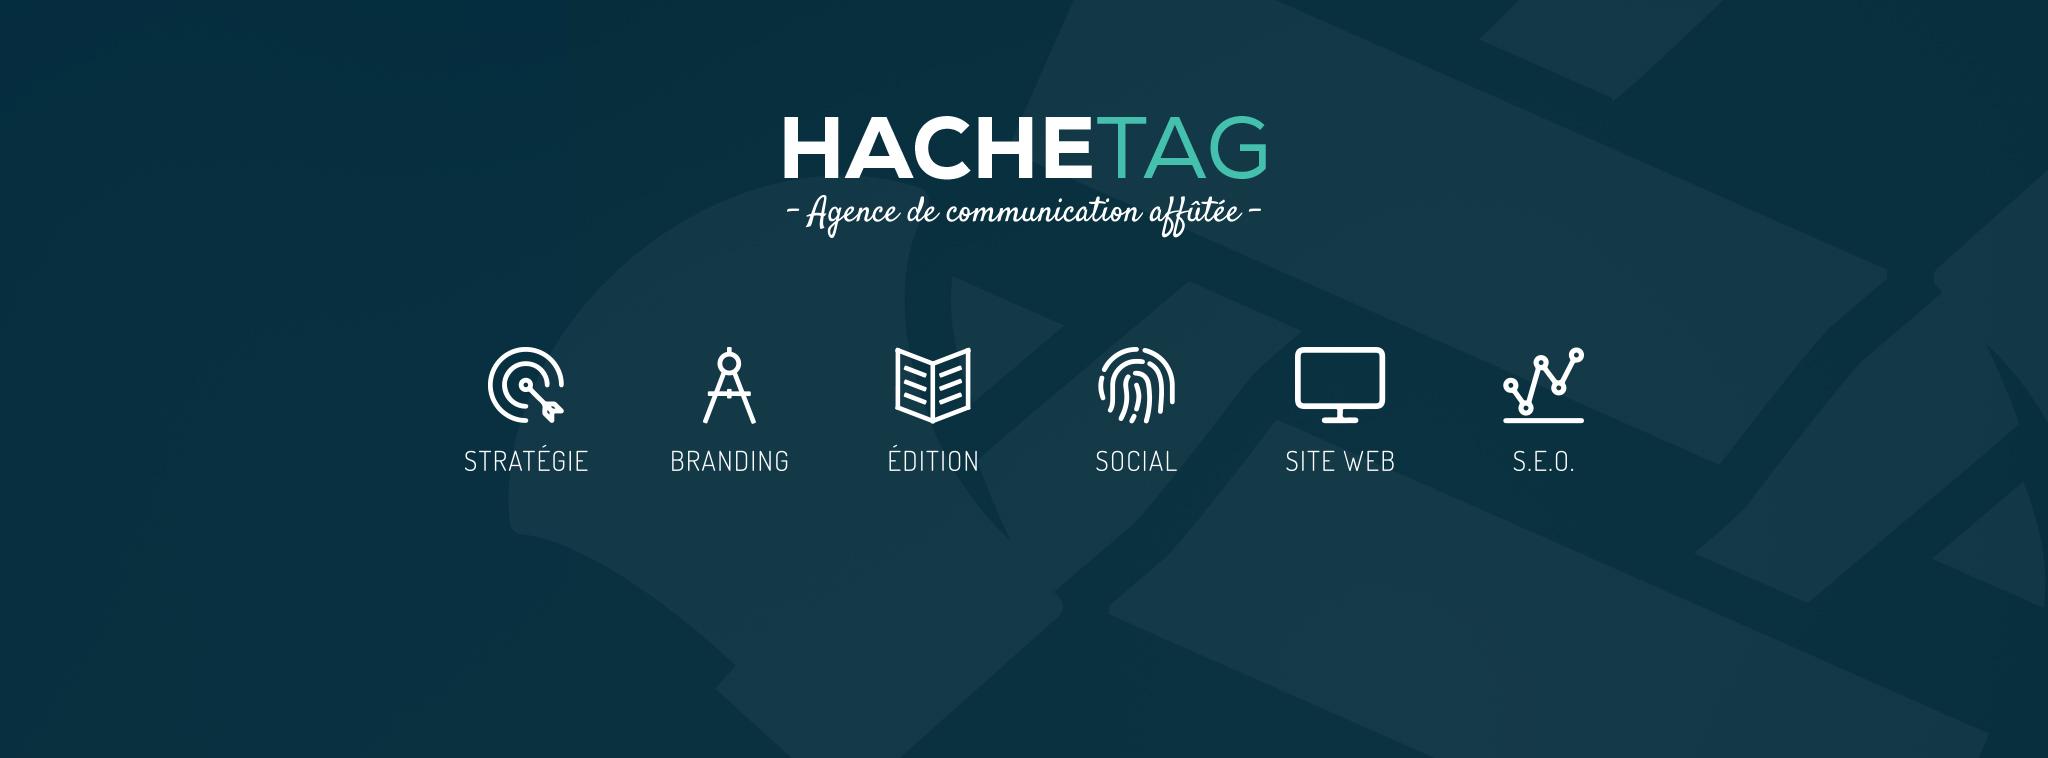 Hachetag